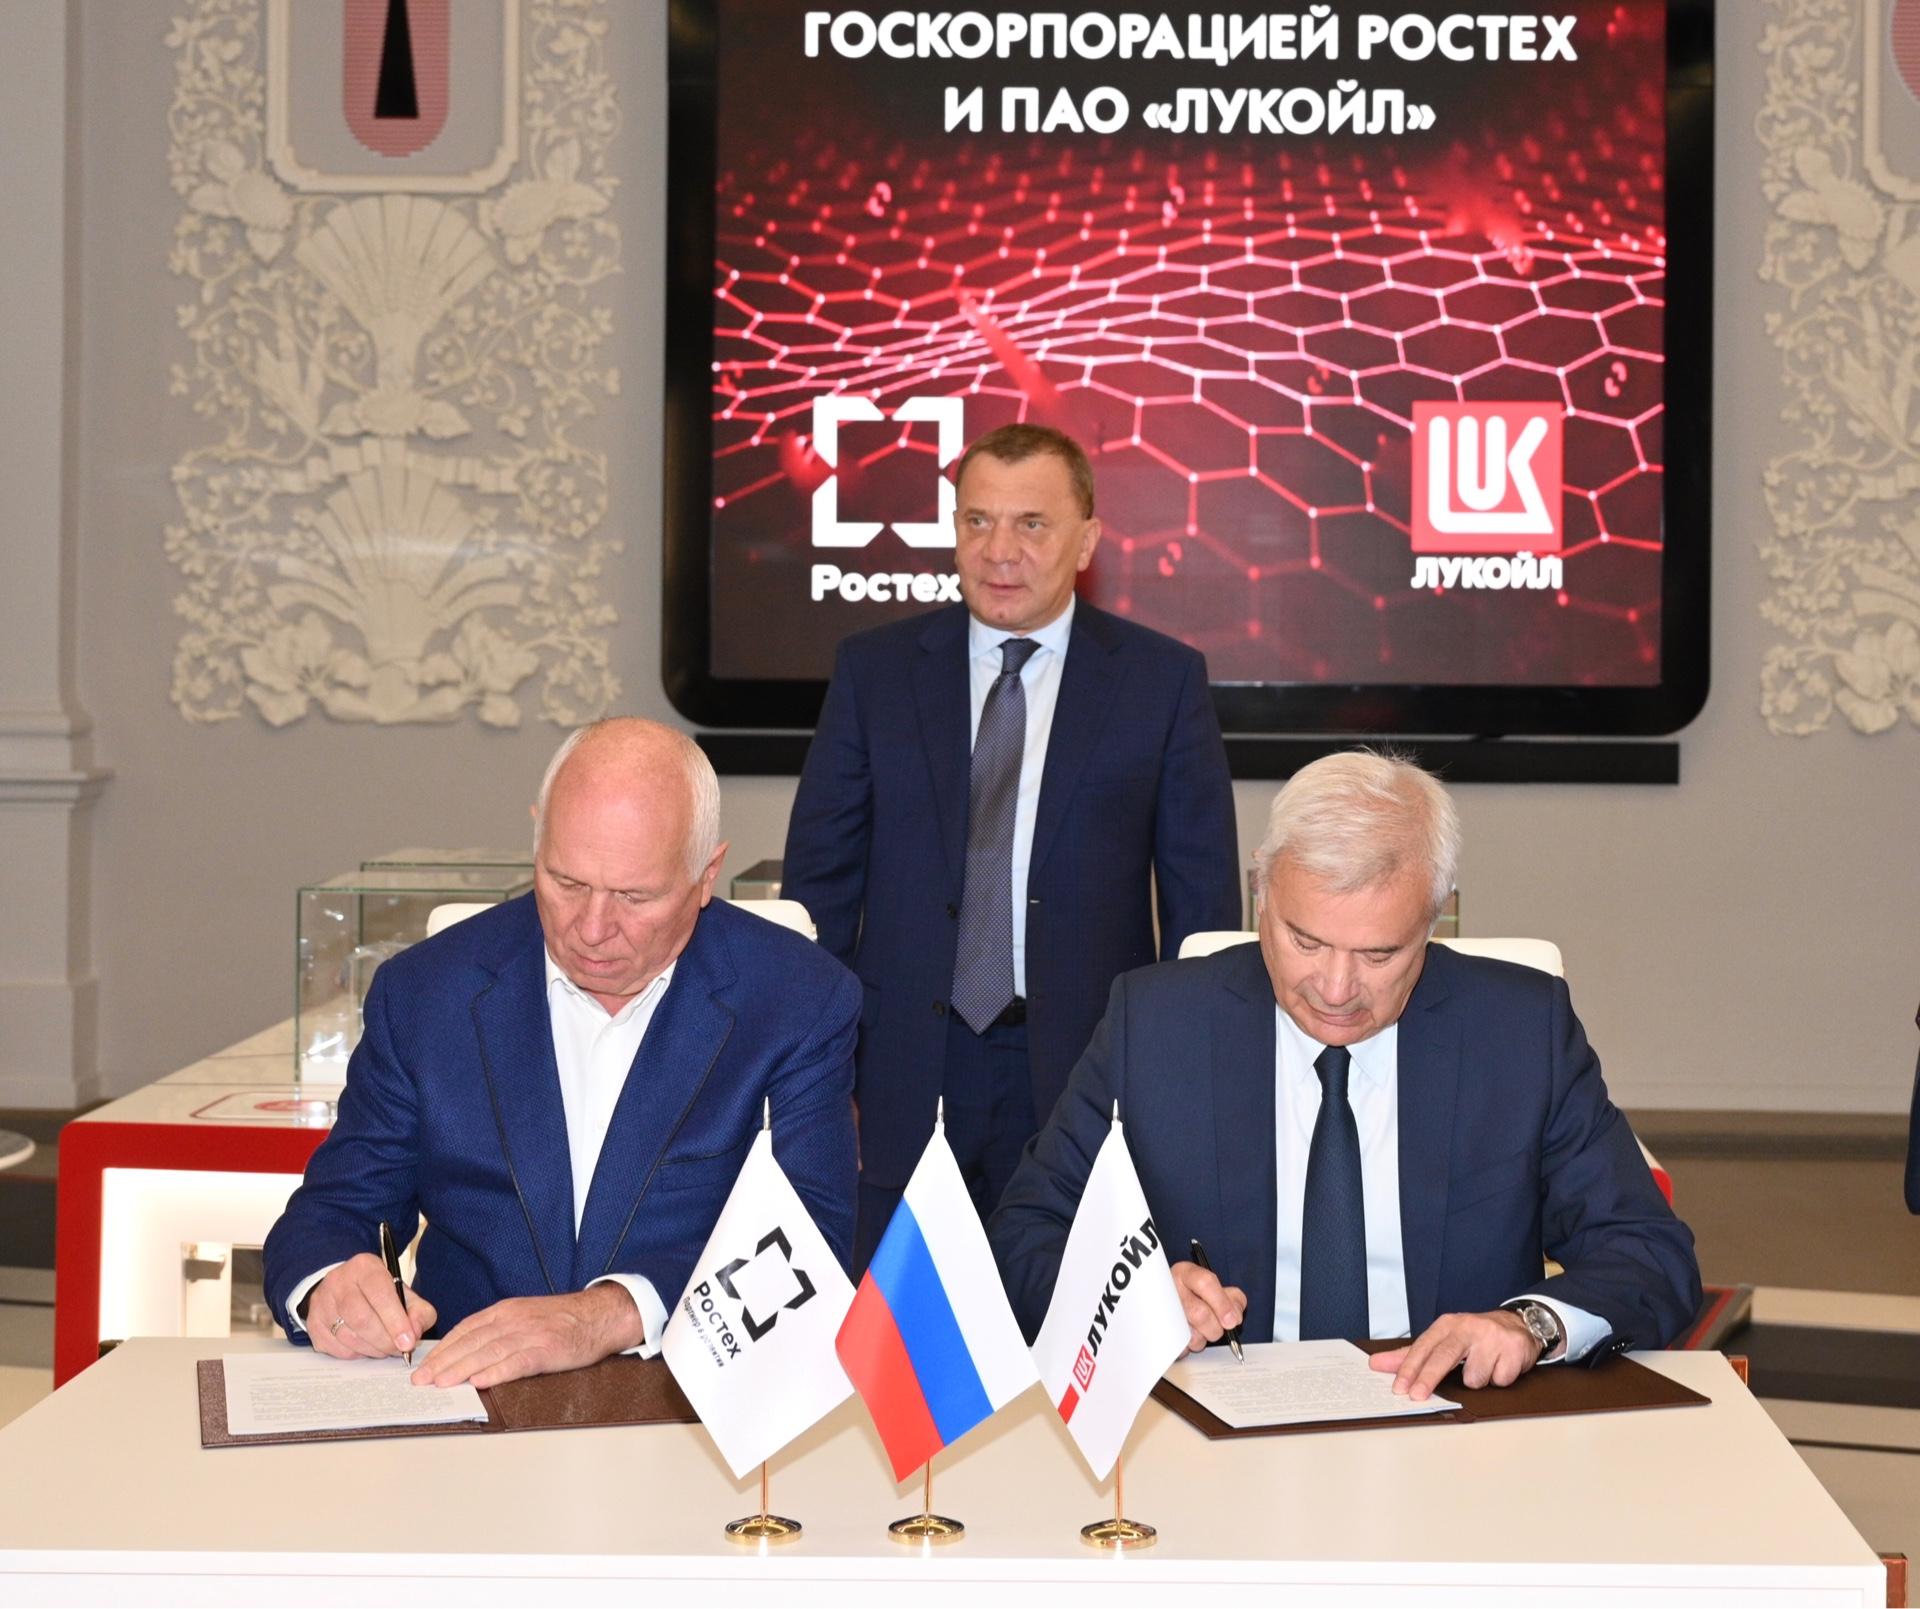 Ростех и ЛУКОЙЛ подписали соглашение о сотрудничестве